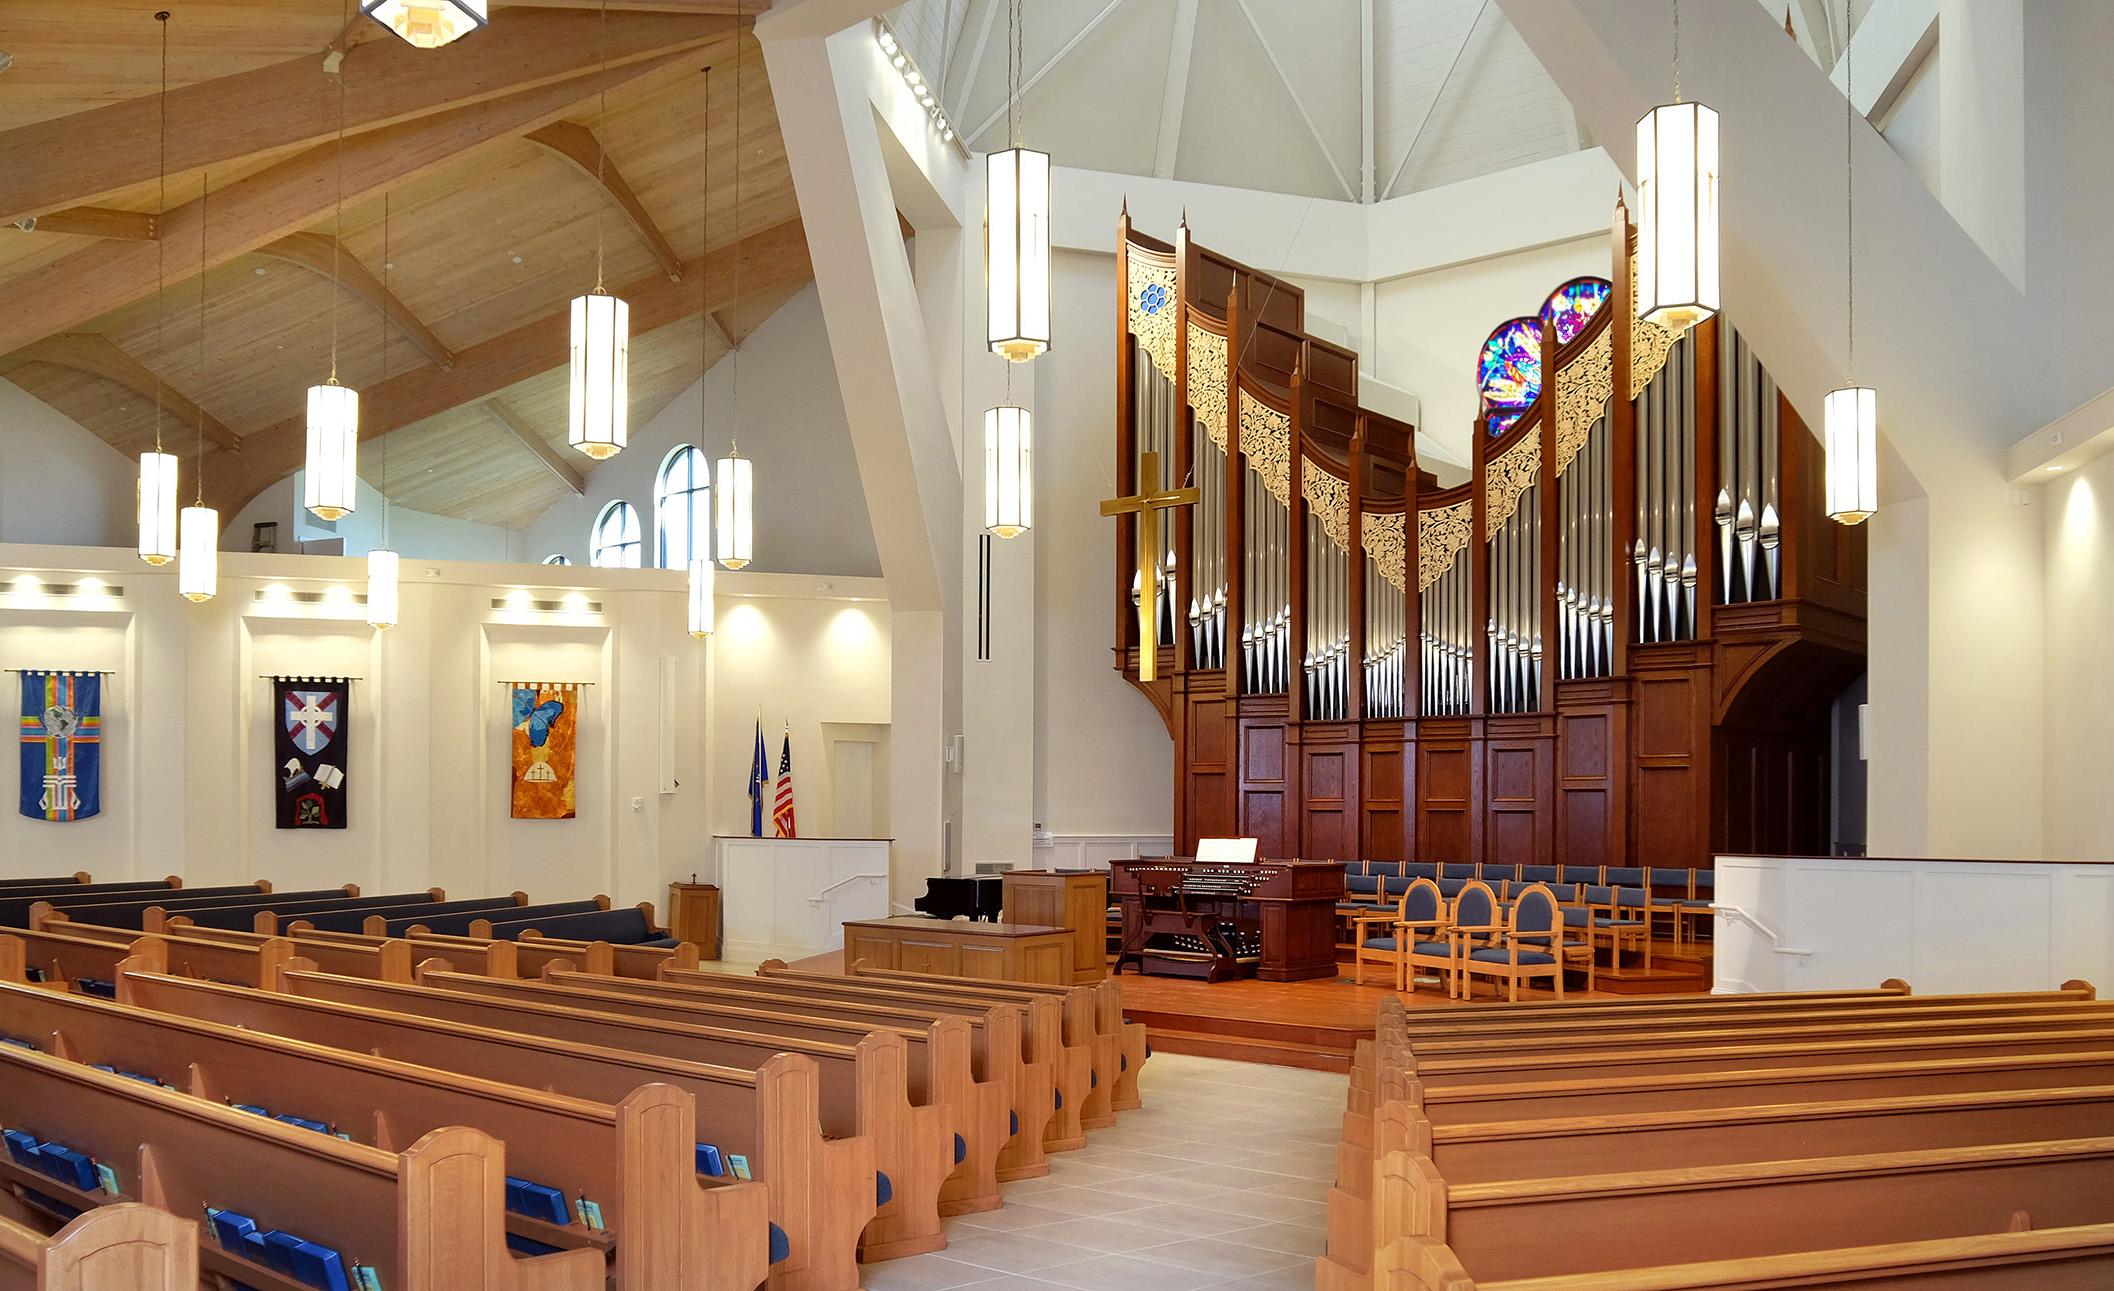 Vanderbilt Presbyterian Church Renovation